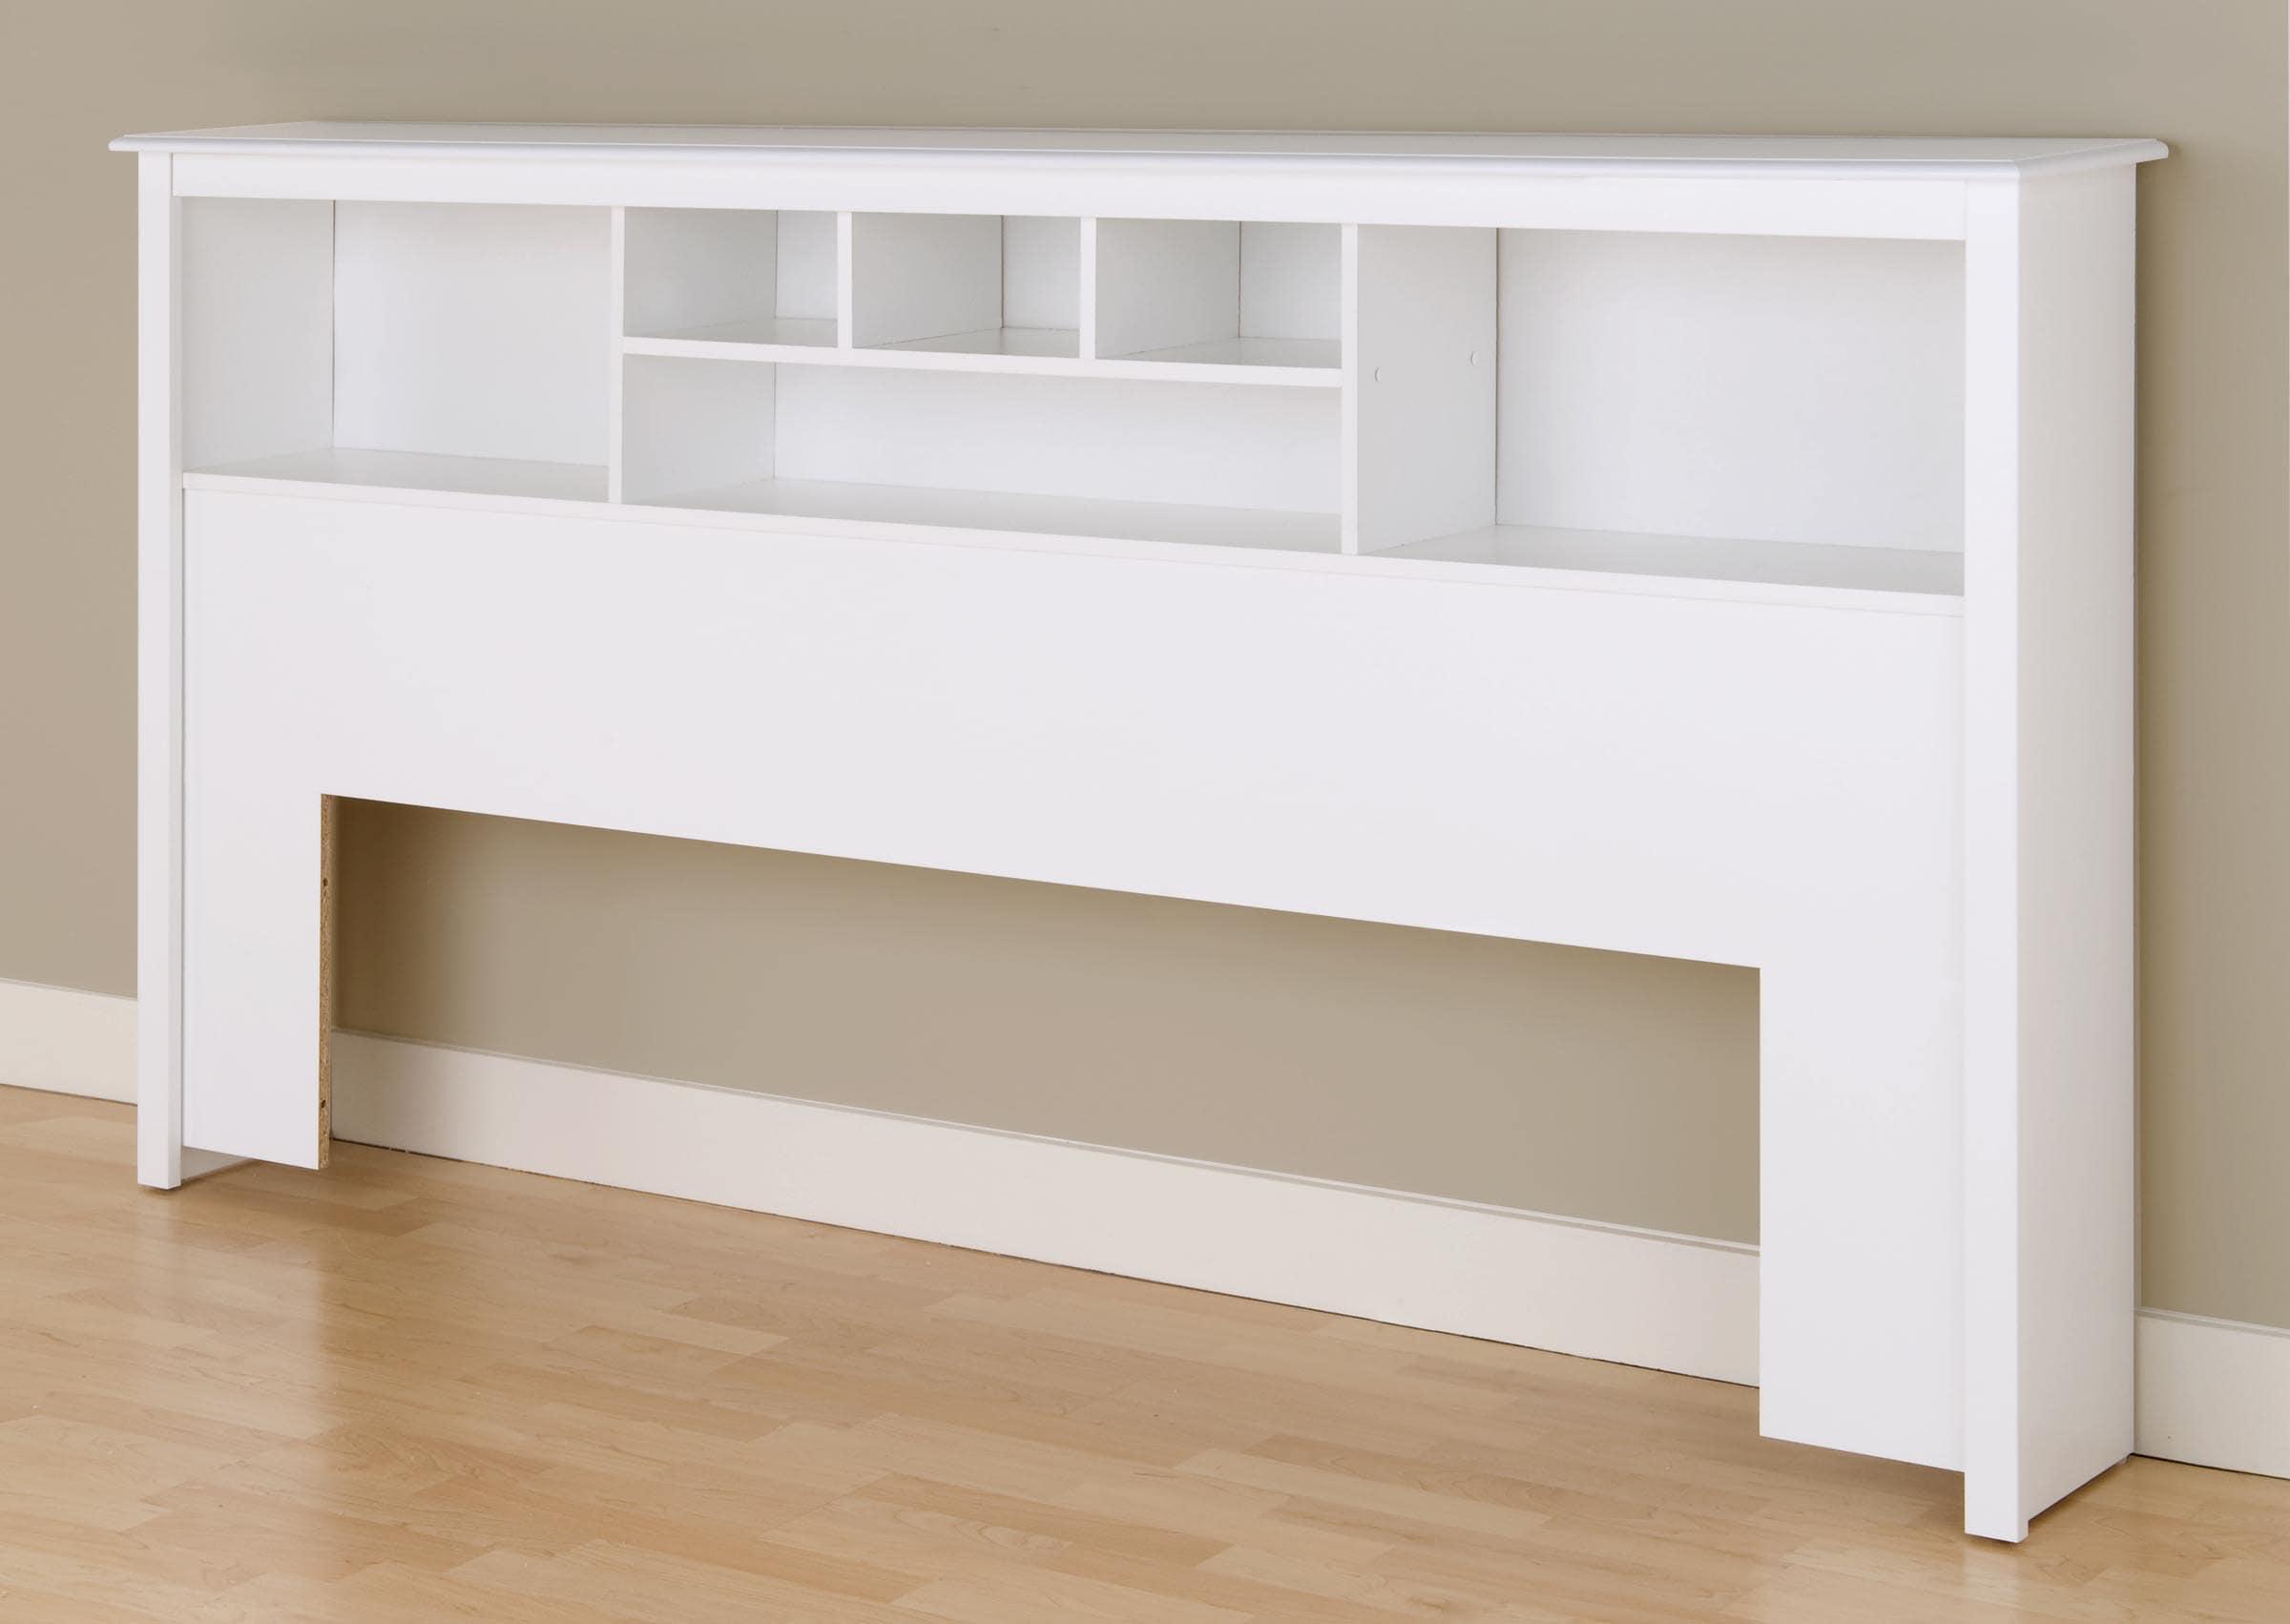 Winslow White King Bookcase Headboard